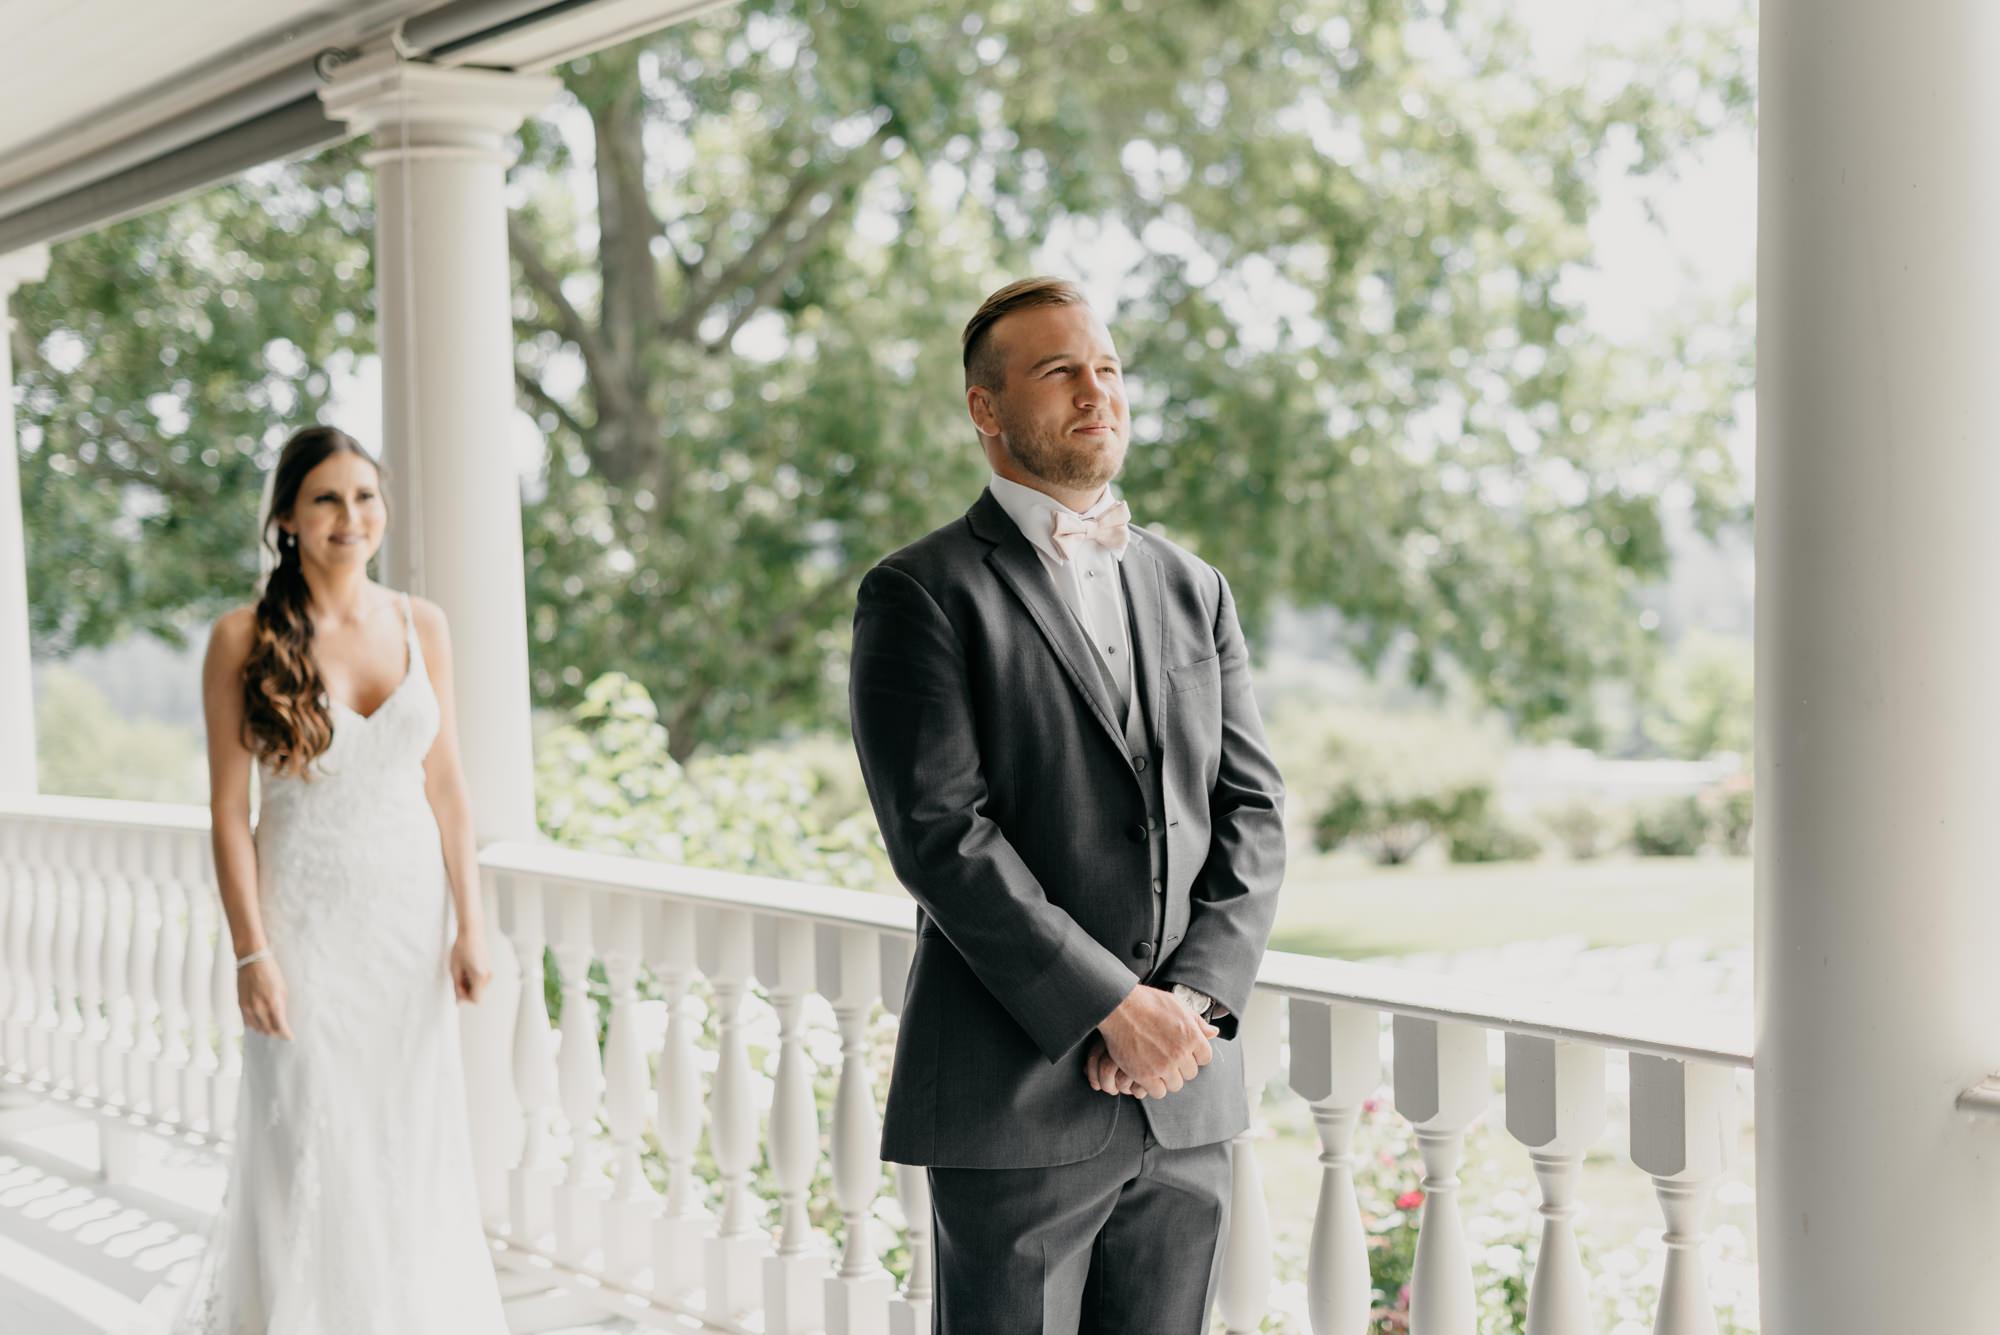 44-first-look-barn-kestrel-wedding-lake-oswego-wedding.jpg